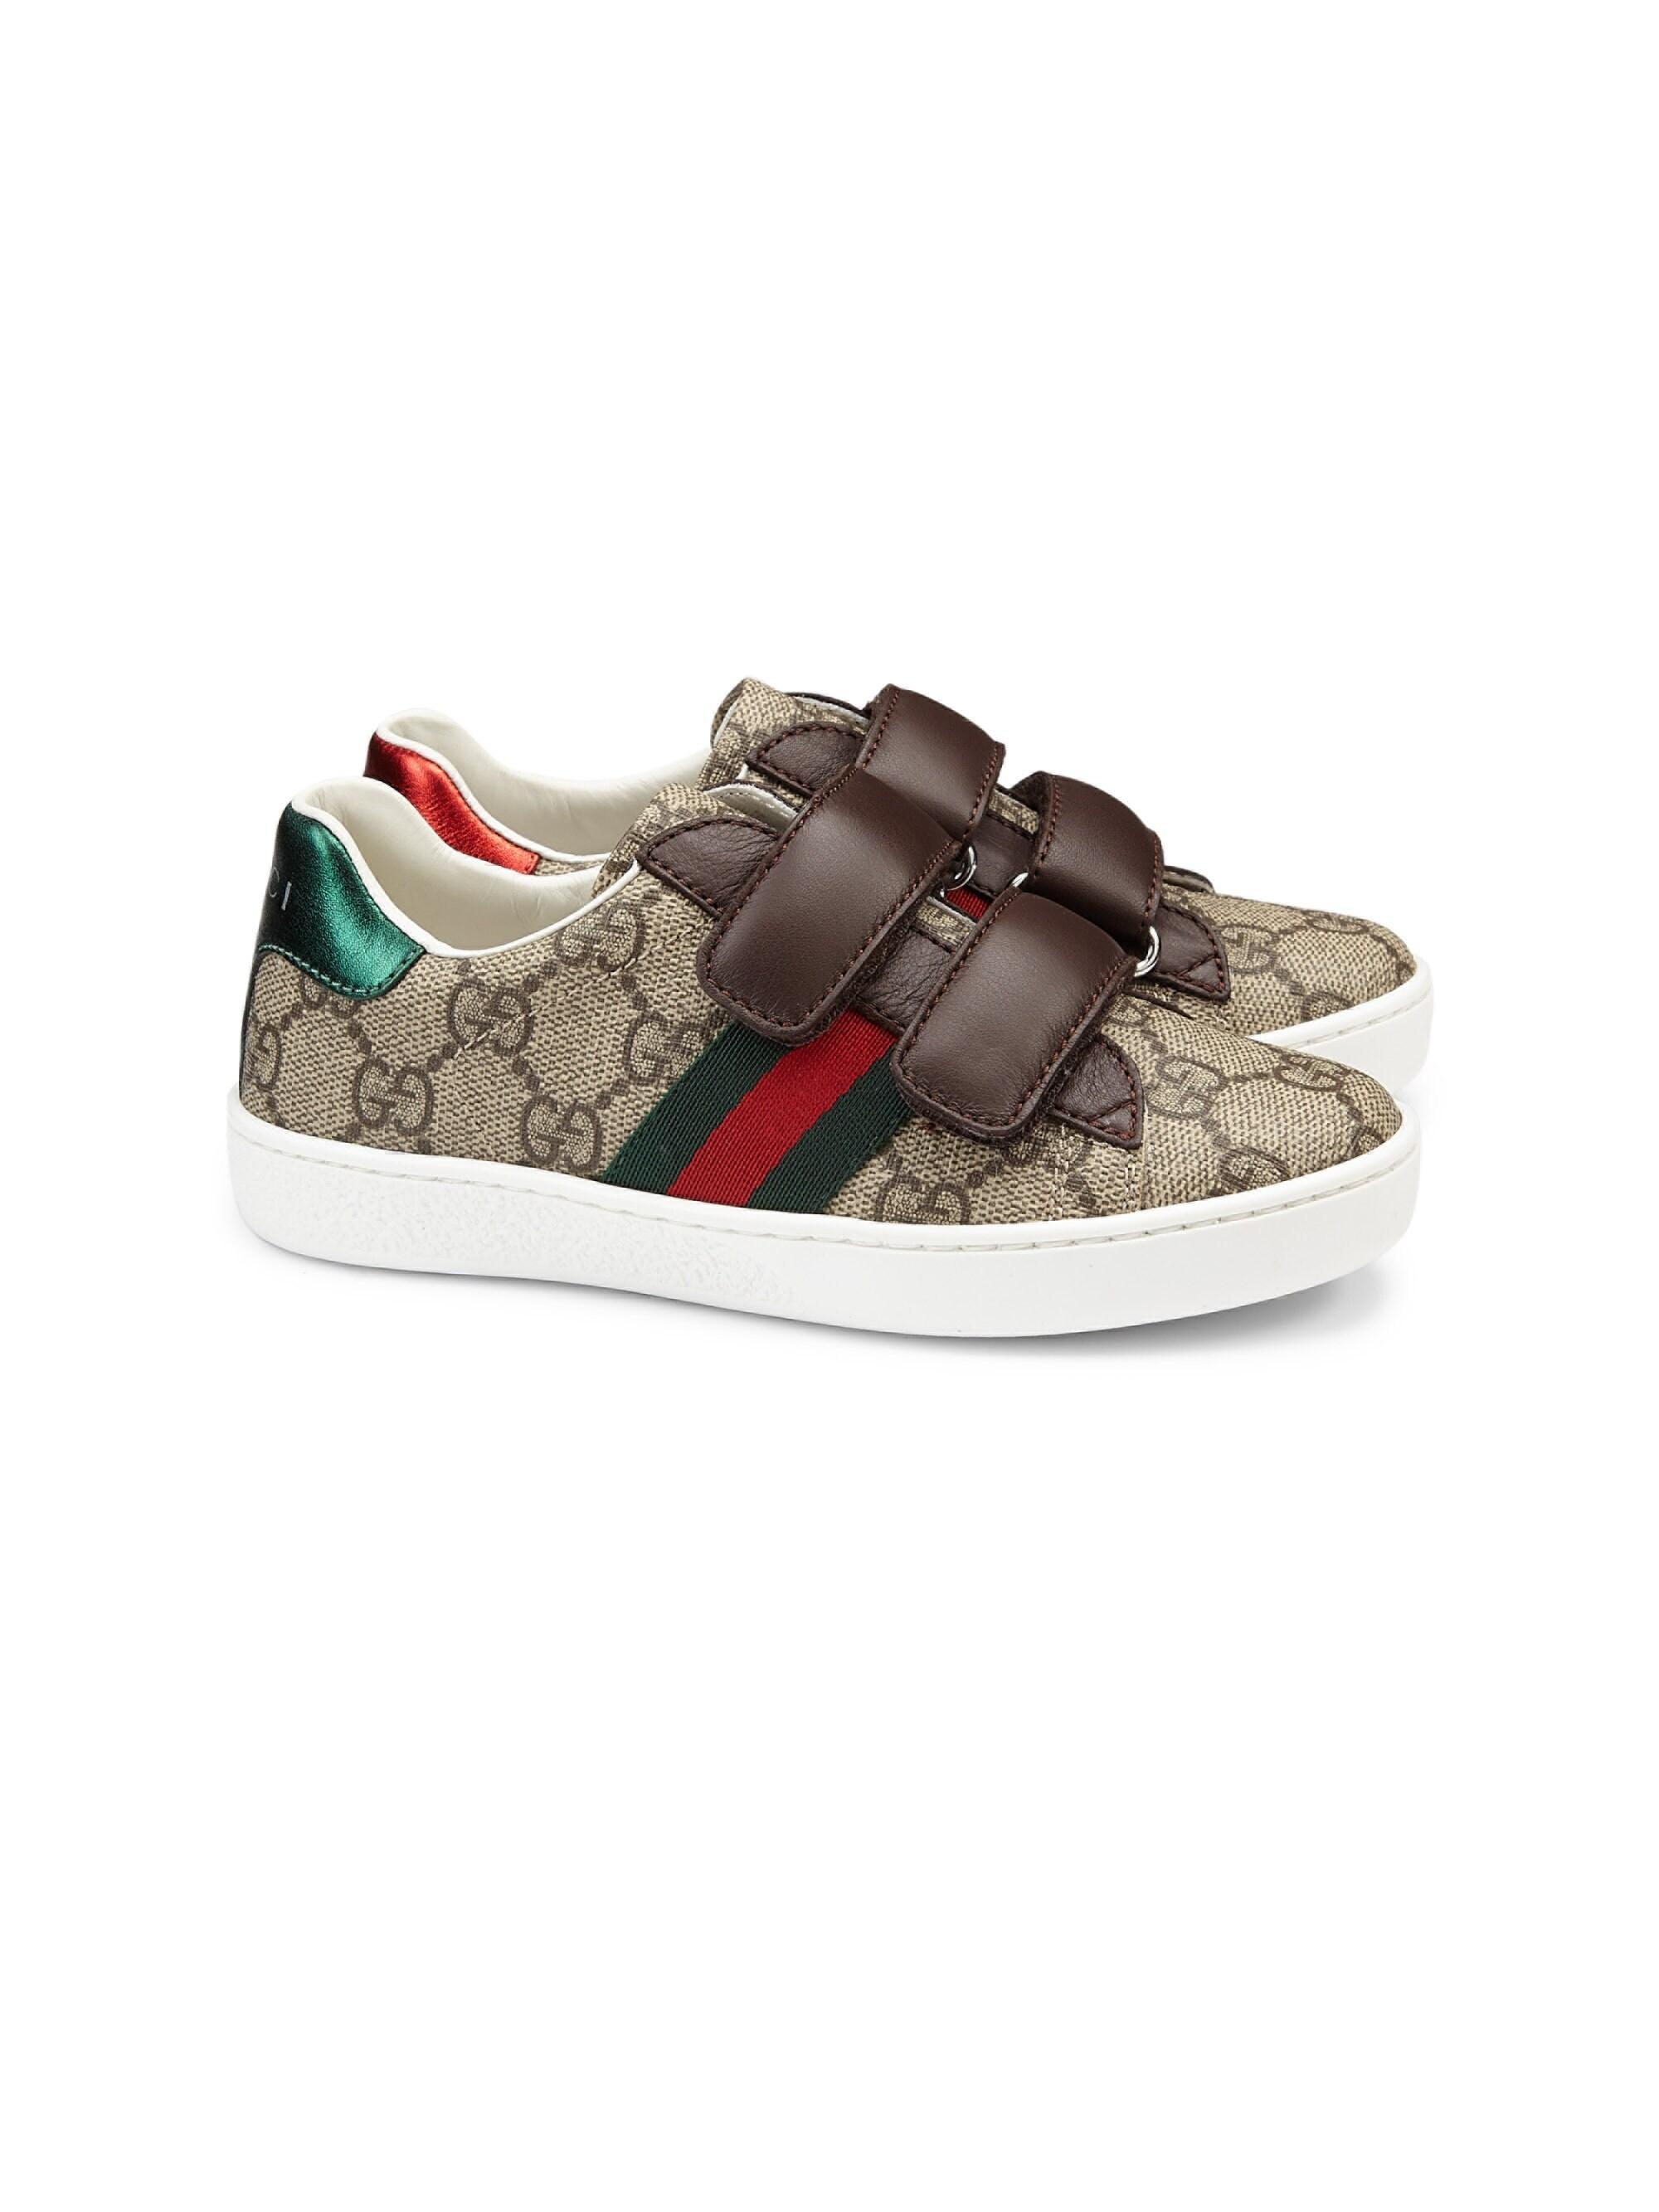 e72067cf413 Gucci. Women s Kid s GG Supreme Canvas Strap Shoes